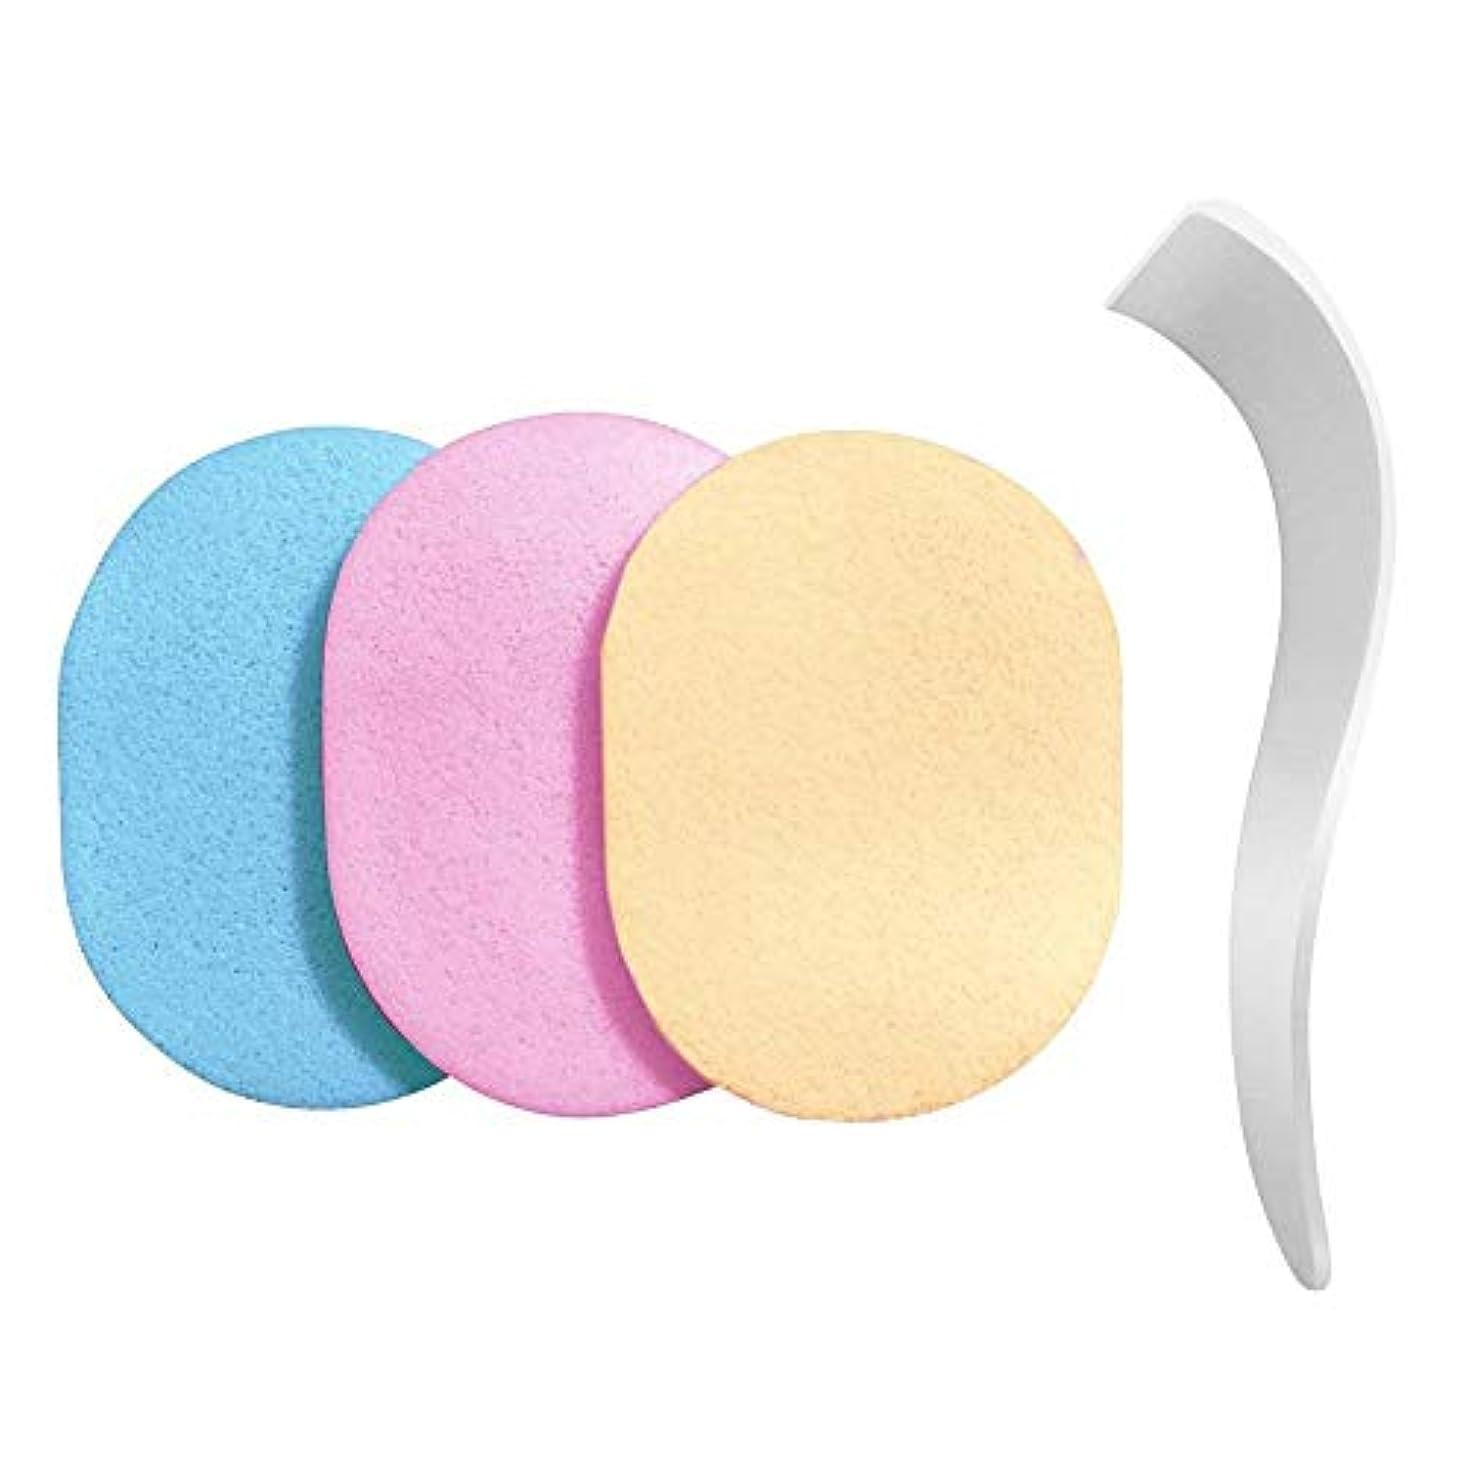 行政アコートロピカル専用ヘラ スポンジ 洗って使える 3色セット 除毛クリーム専用 メンズ レディース【除毛用】